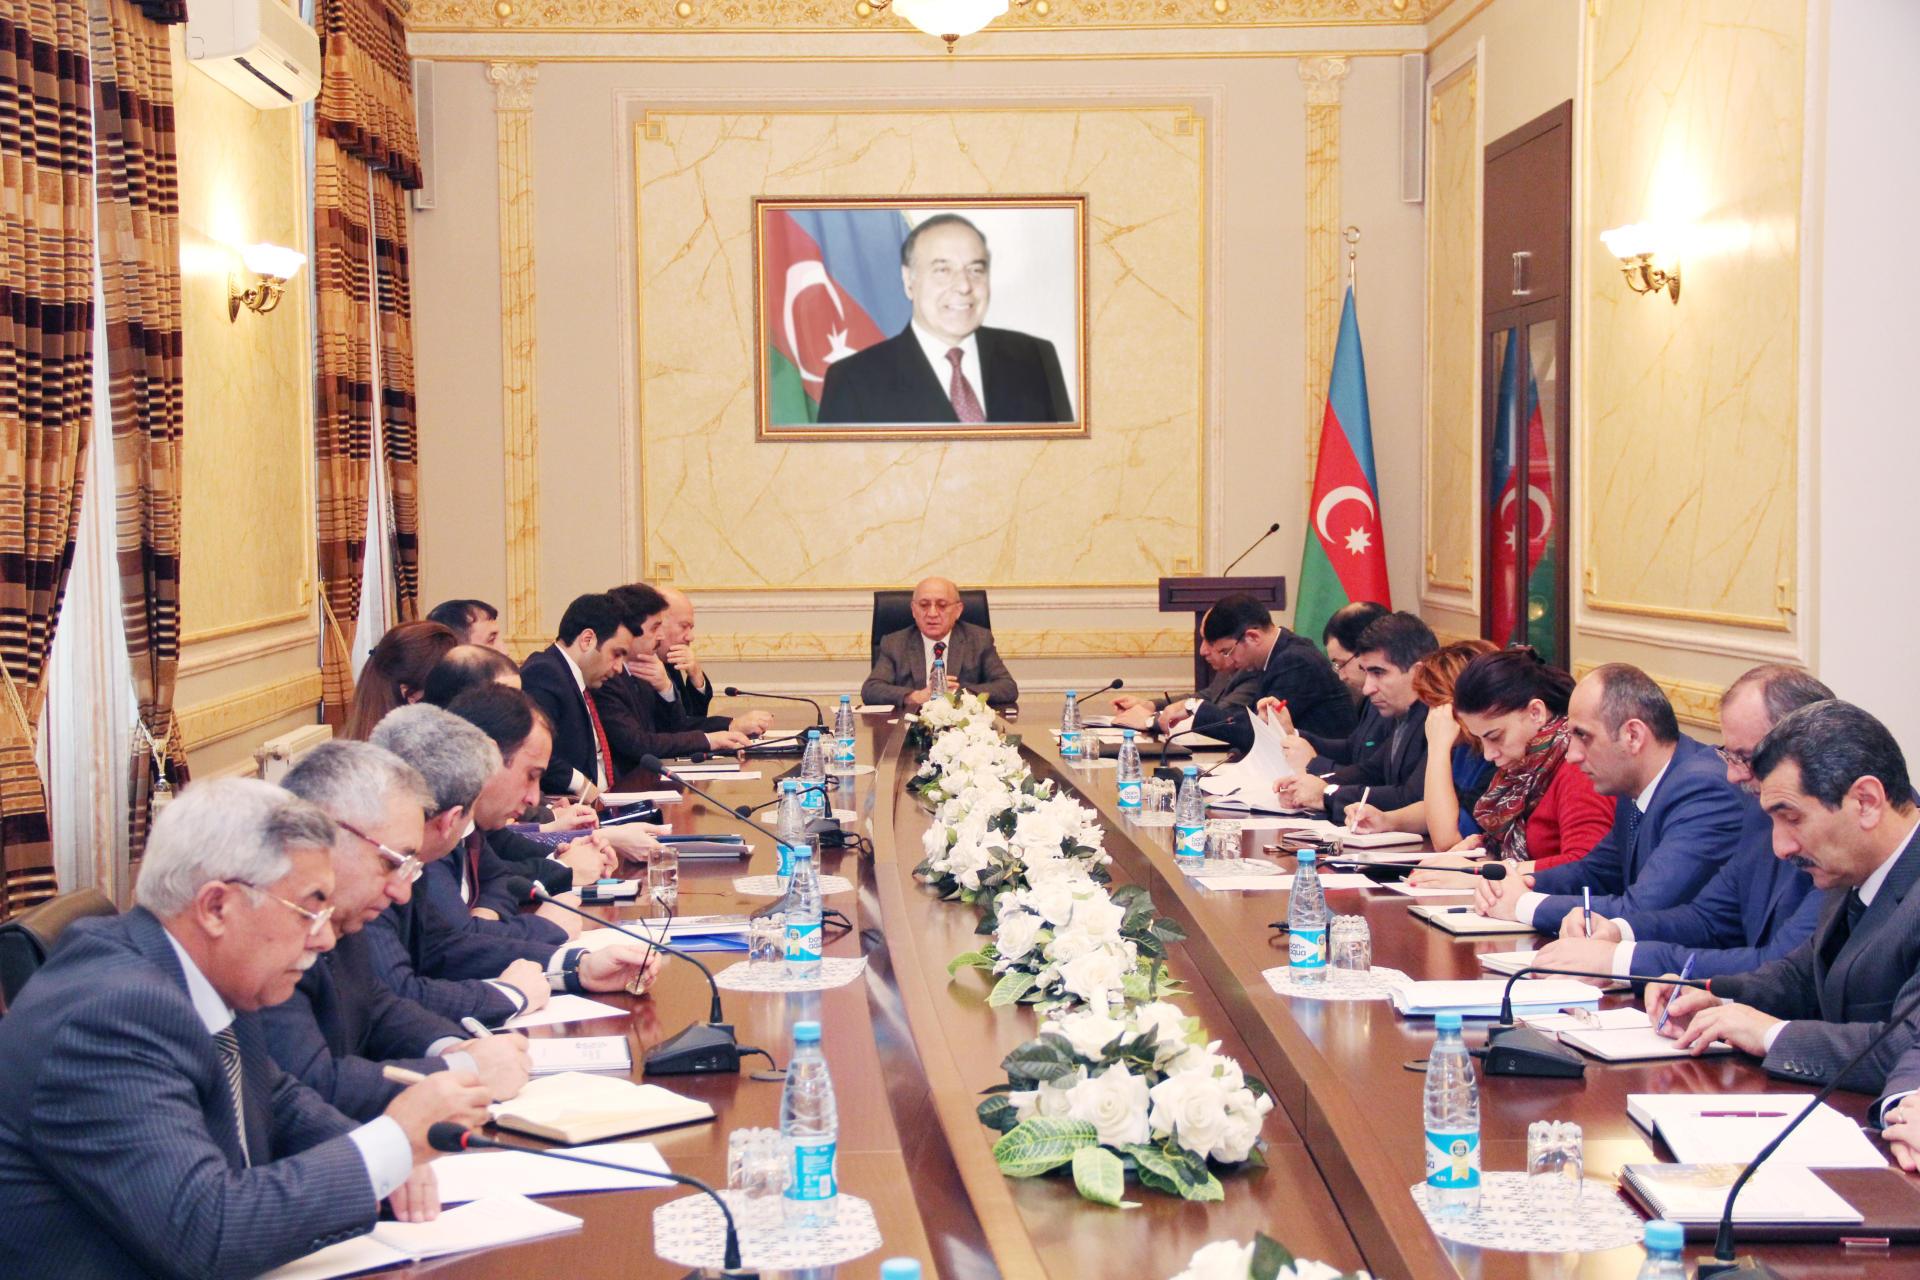 Azərbaycanda 19 dini qurum ləğv edilib (FOTO) - Gallery Image